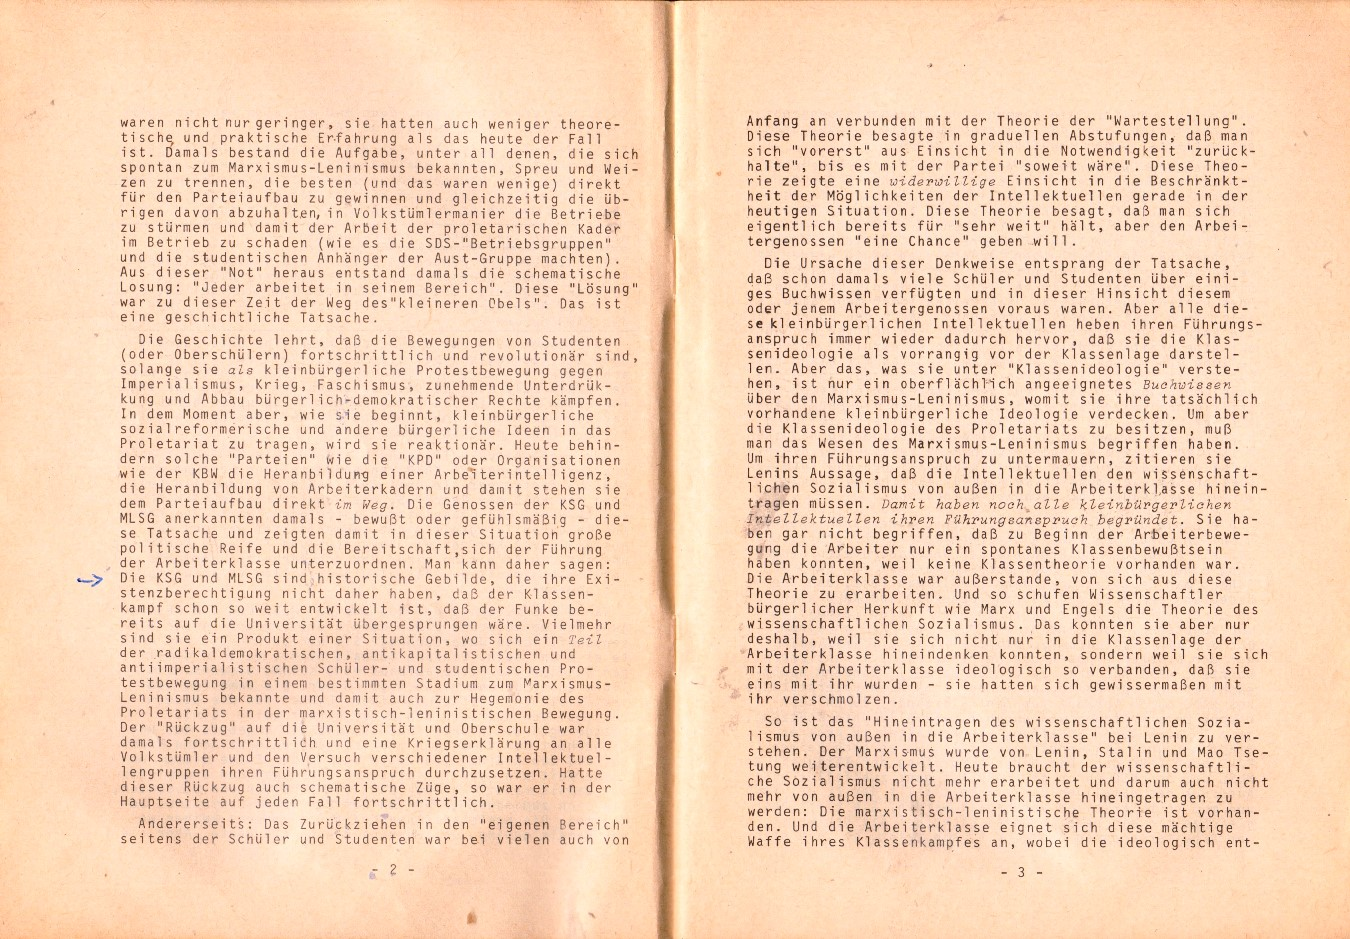 KABD_1976_Parteiaufbau_und_Intellektuellenfrage_05